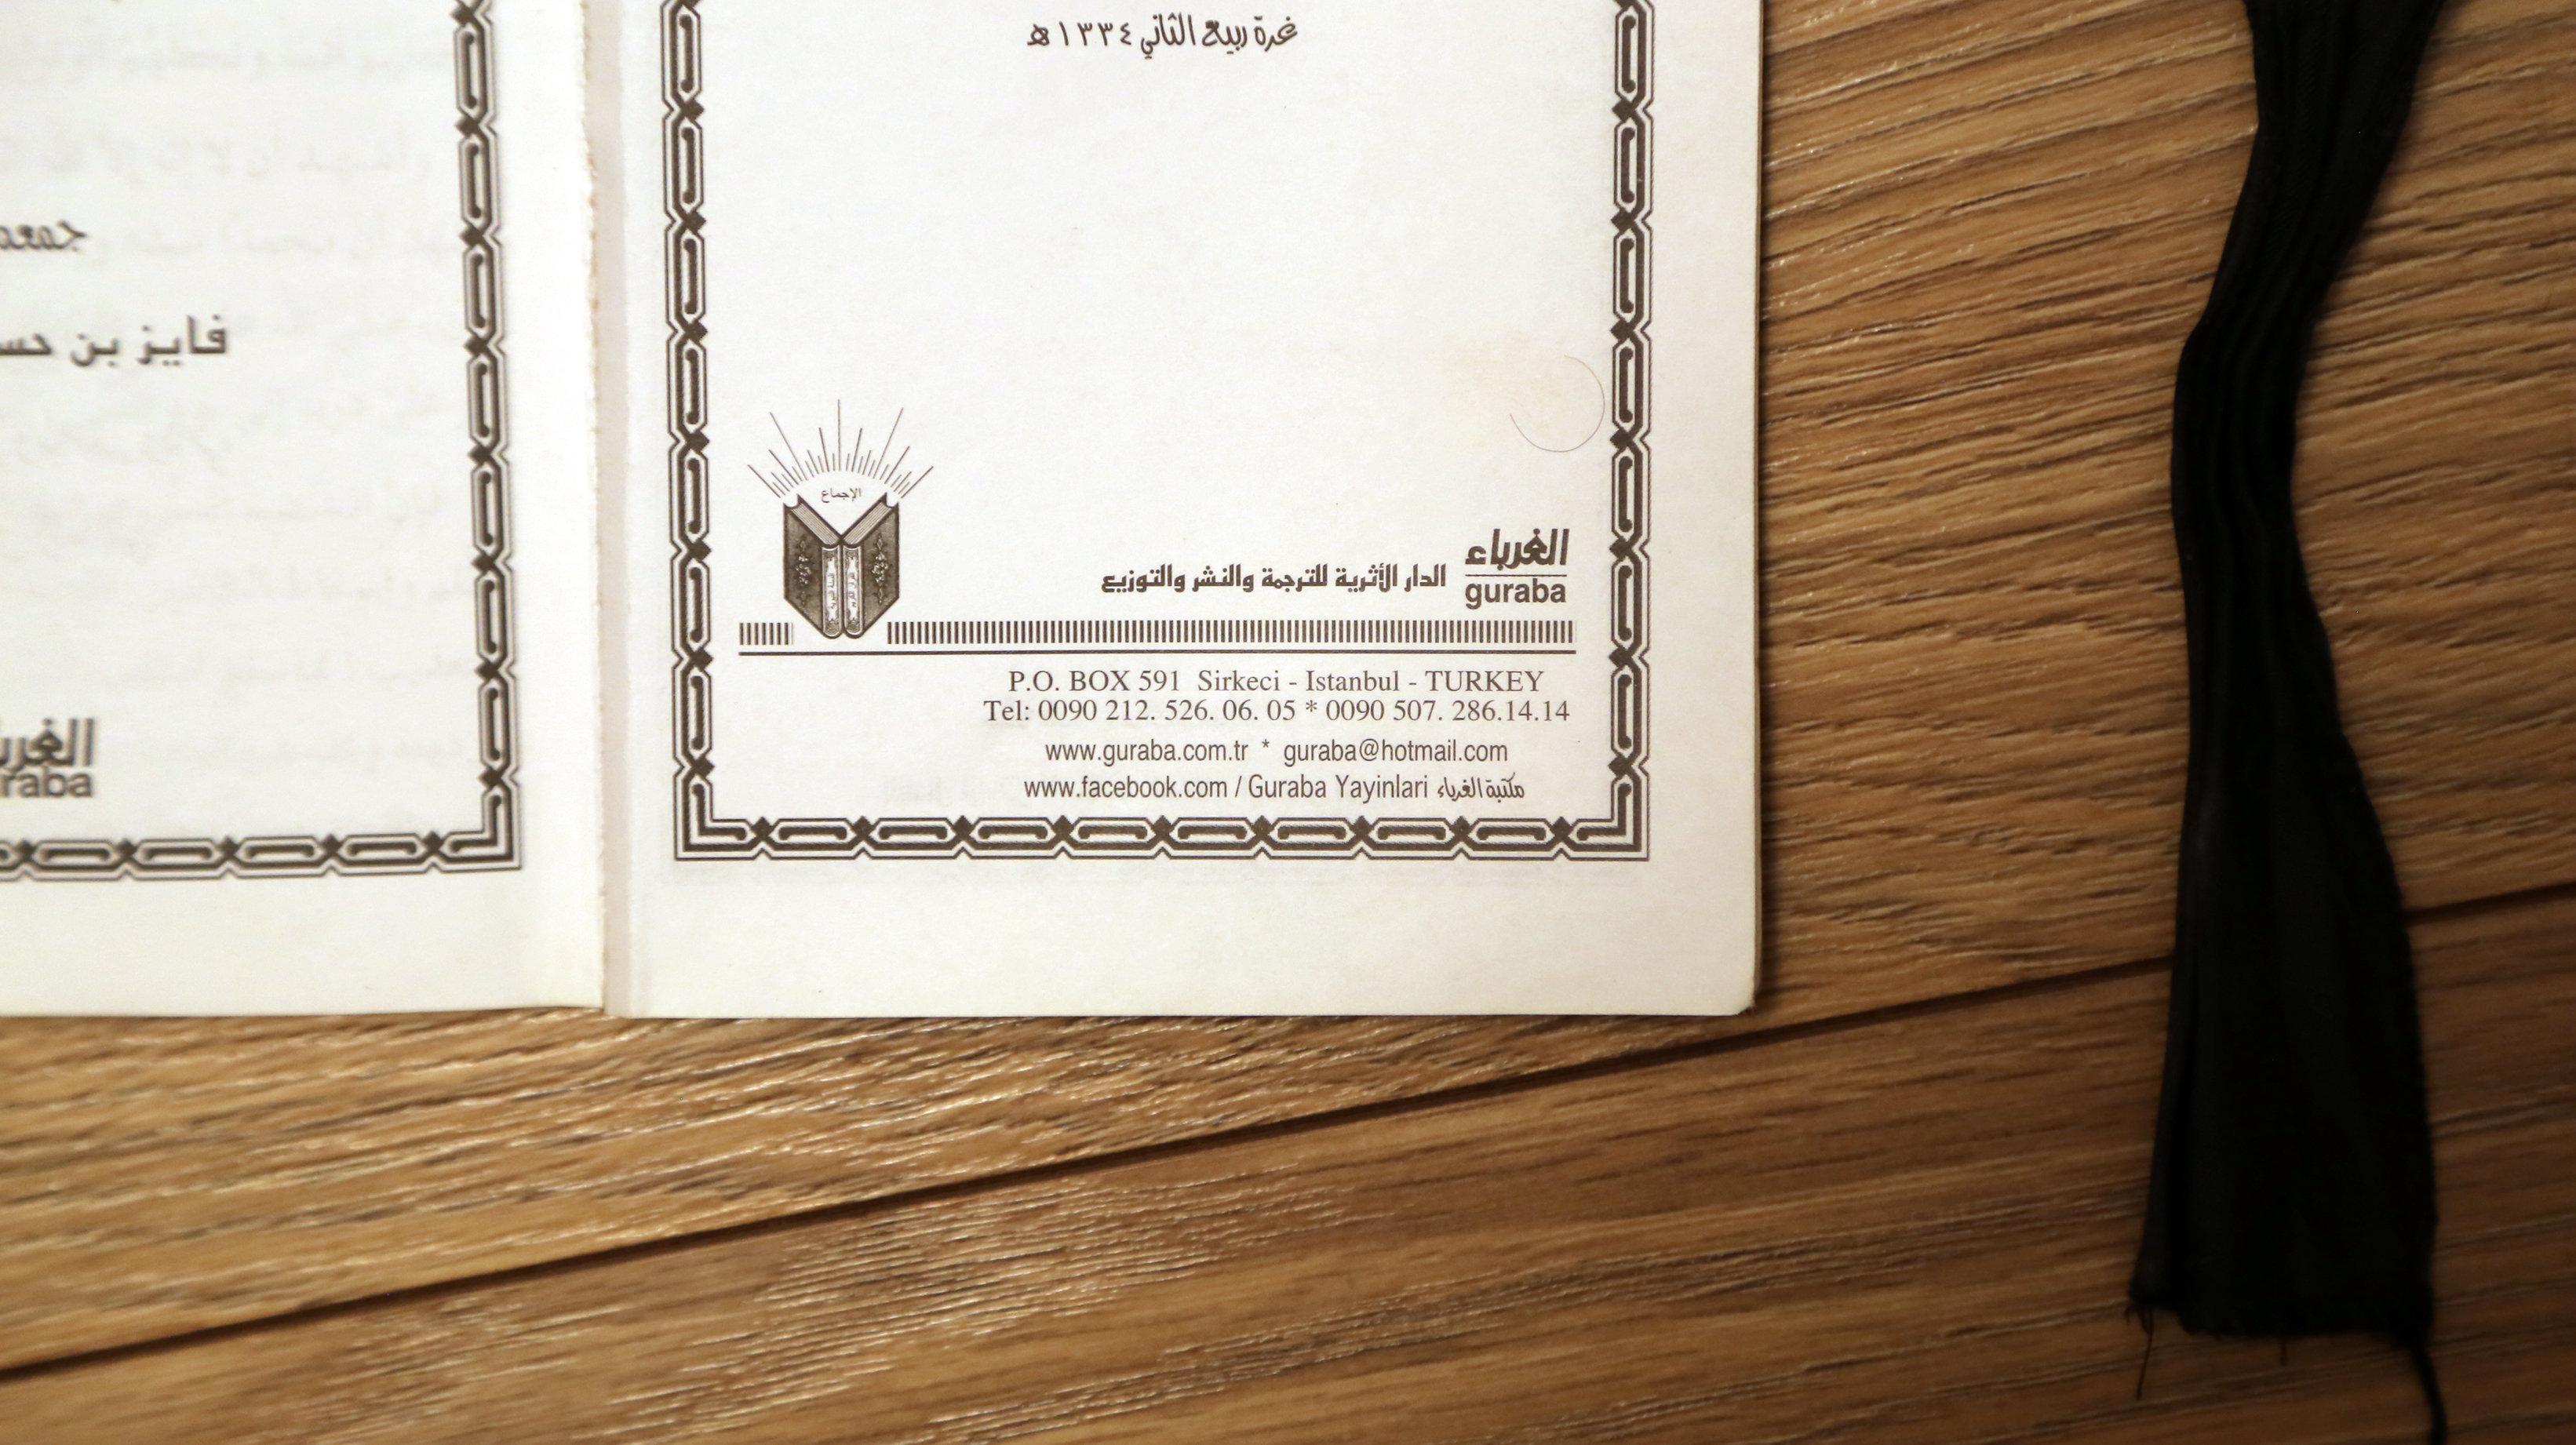 La instrucción de cómo luchar contra el régimen de Bashar Asad junto con la cinta que marca a los terroristas suicidas. La libreta contiene los contactos de una tipografía en Estambul